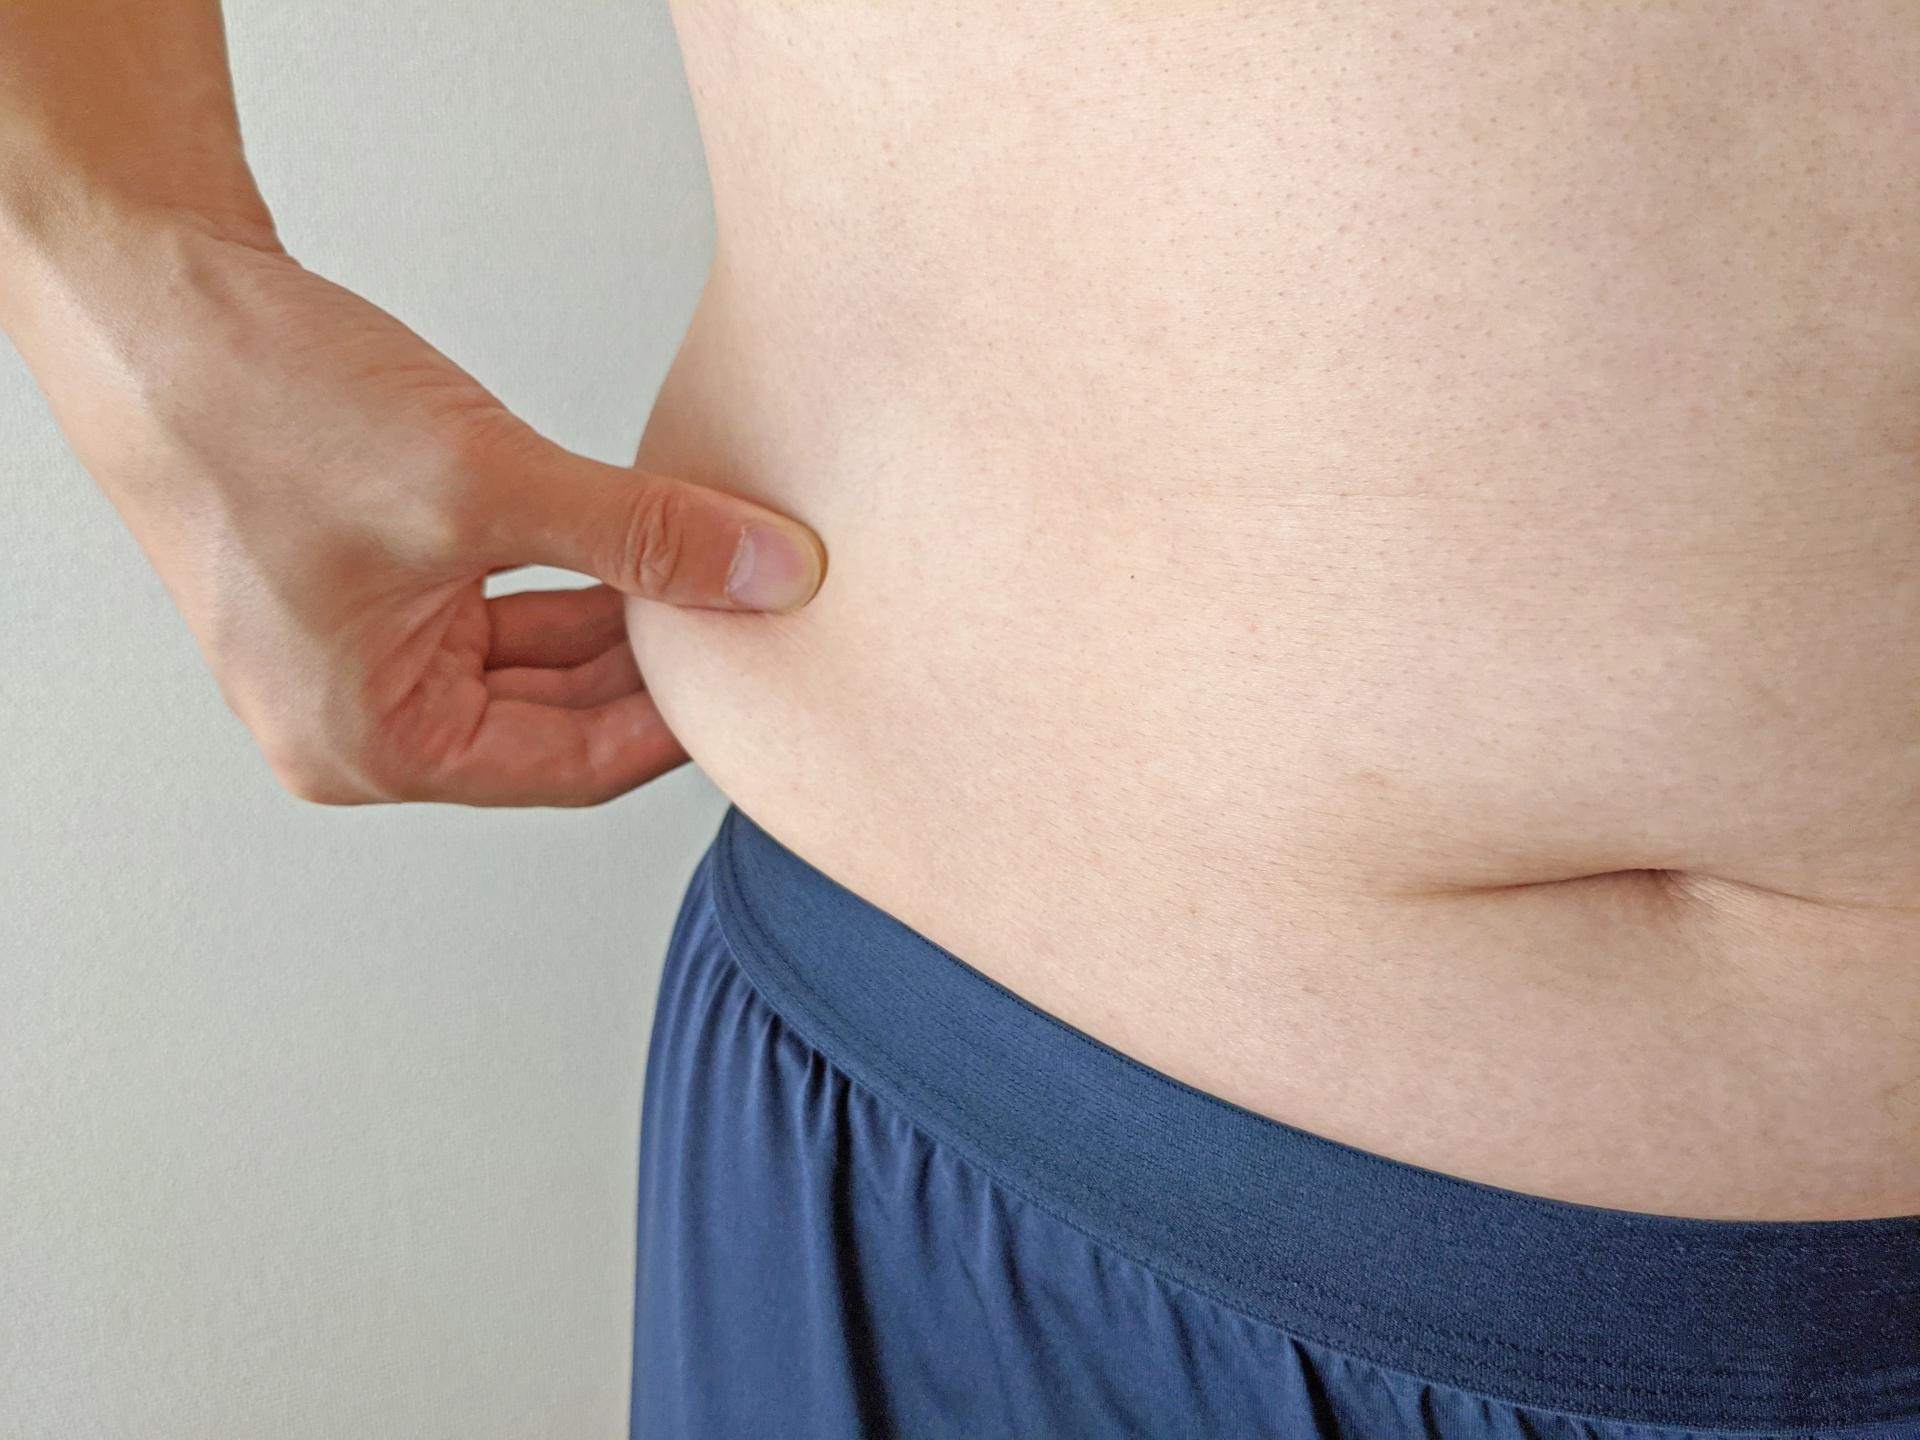 マウスの高脂肪食誘発性肥満に対する南極オキアミリン脂質(KOPL)の効果